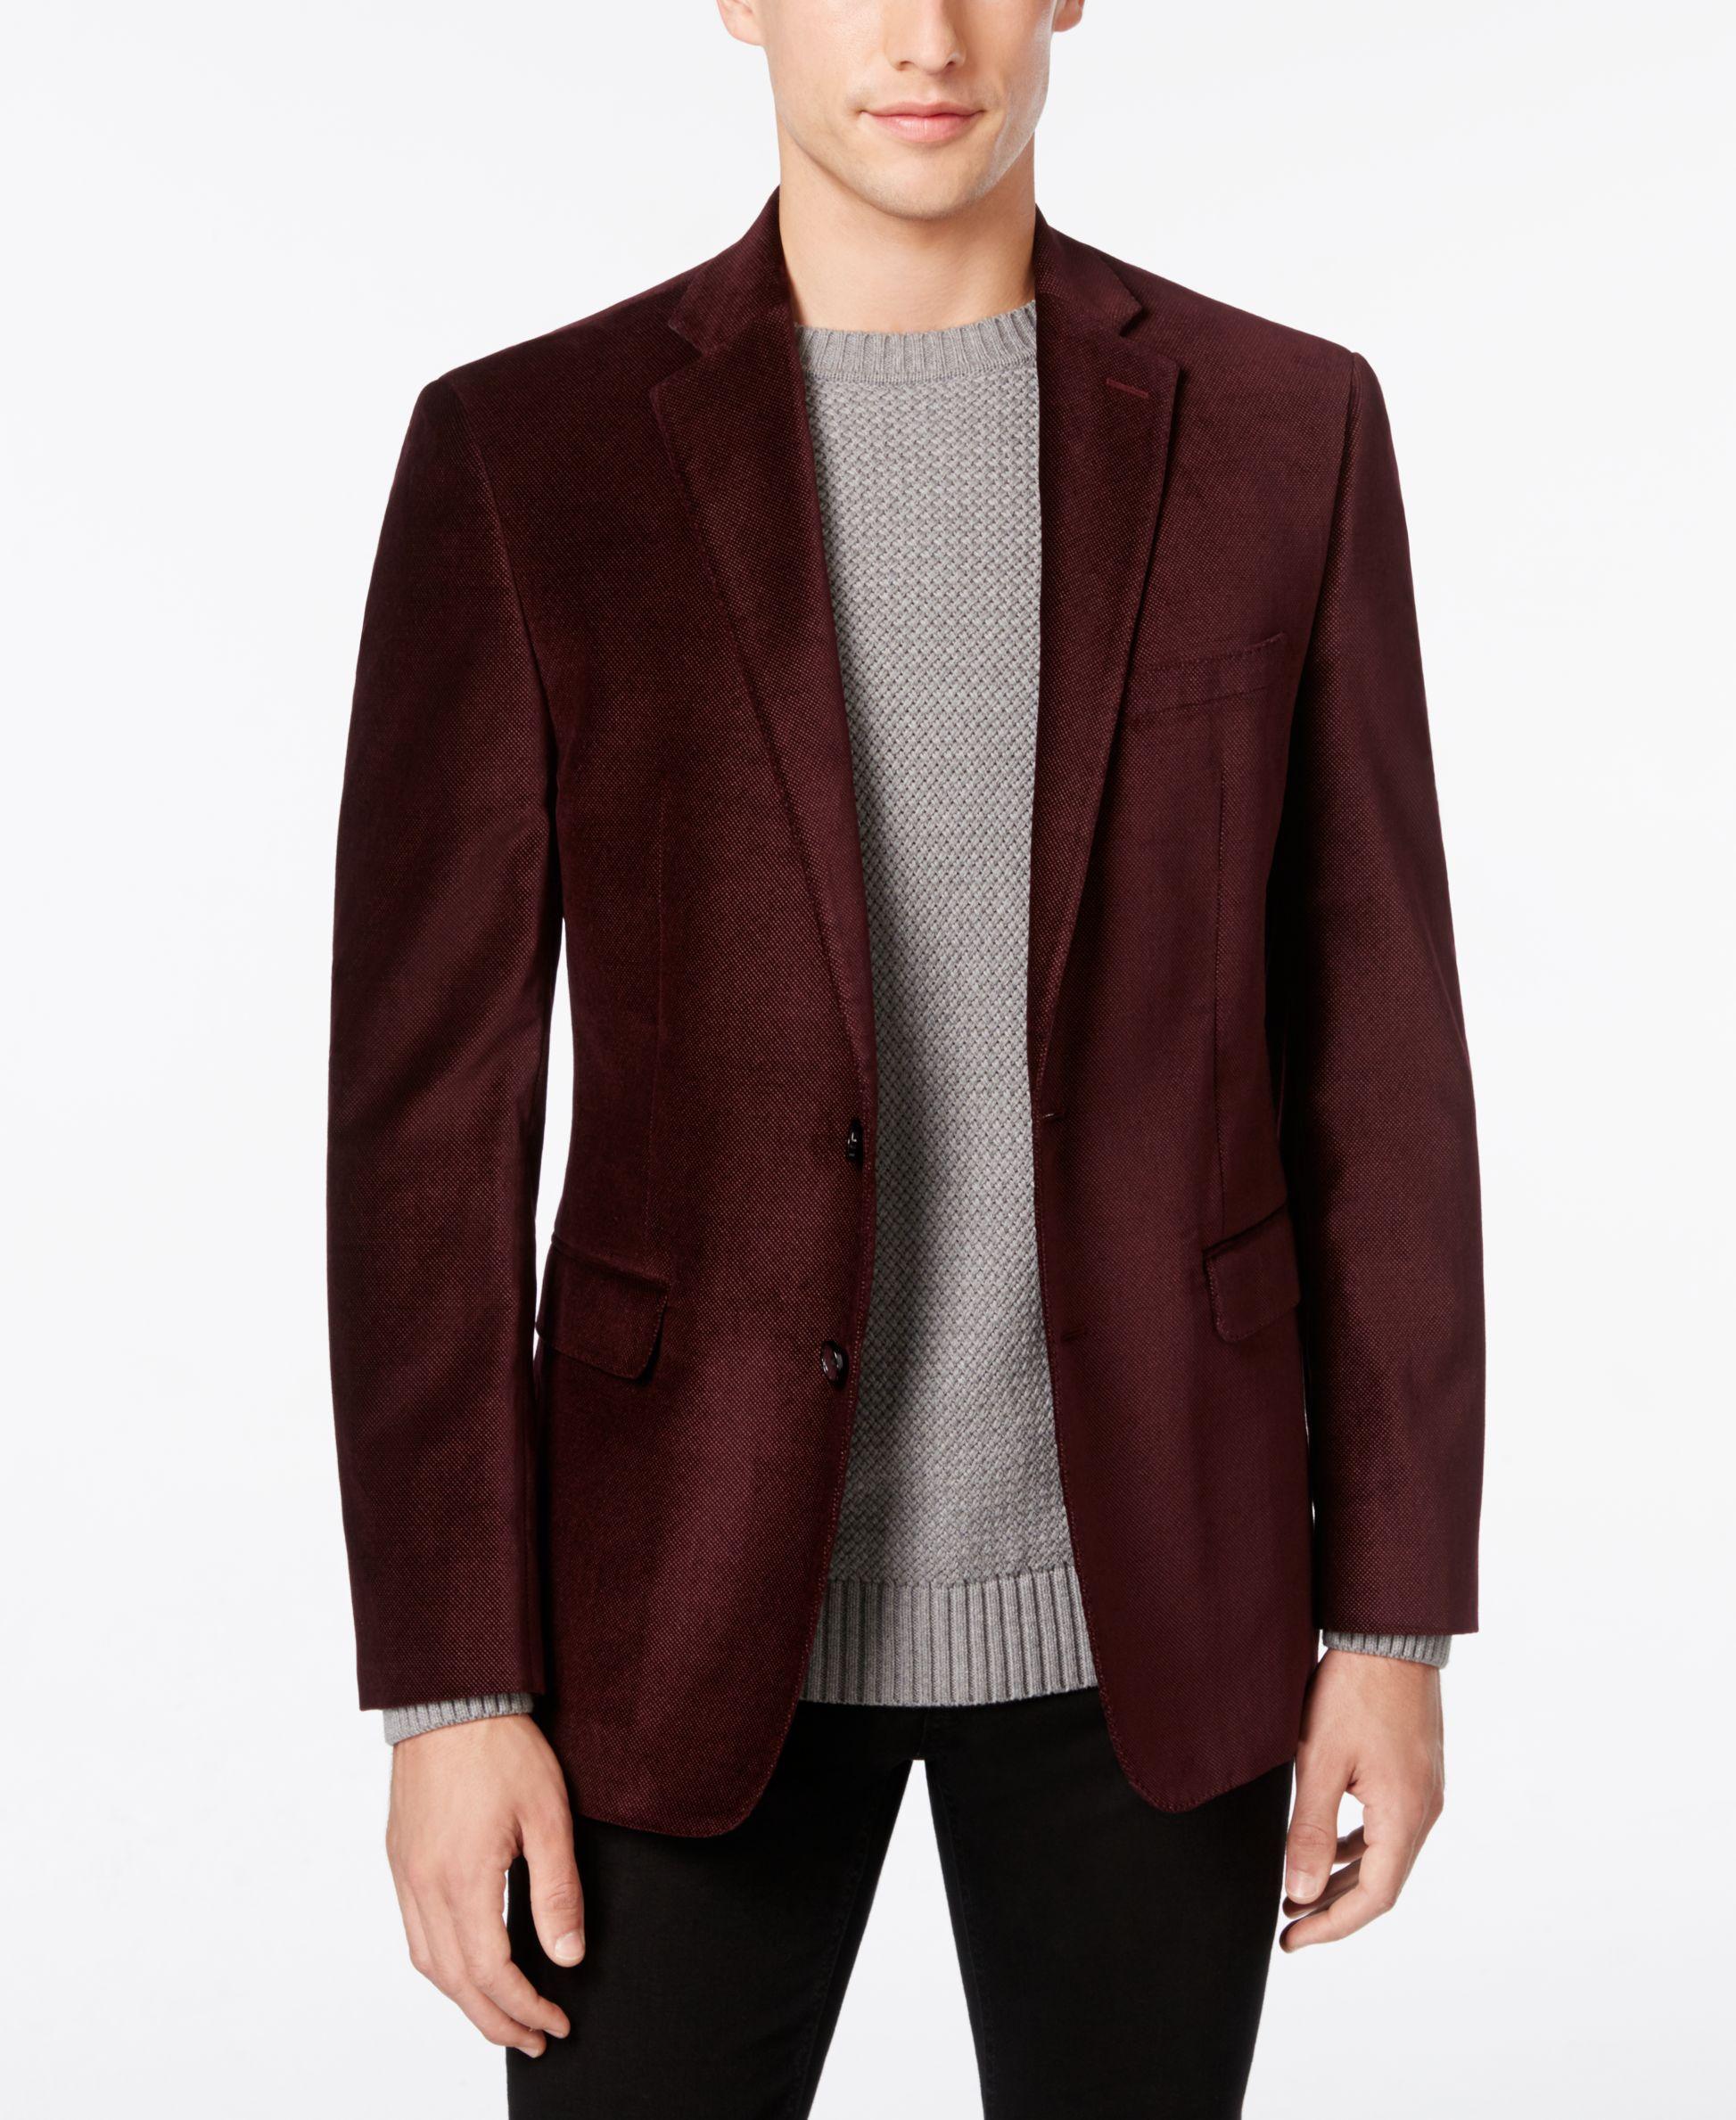 0fbf7c49f1f Calvin Klein Men s Burgundy Velvet Slim-Fit Dinner Jacket